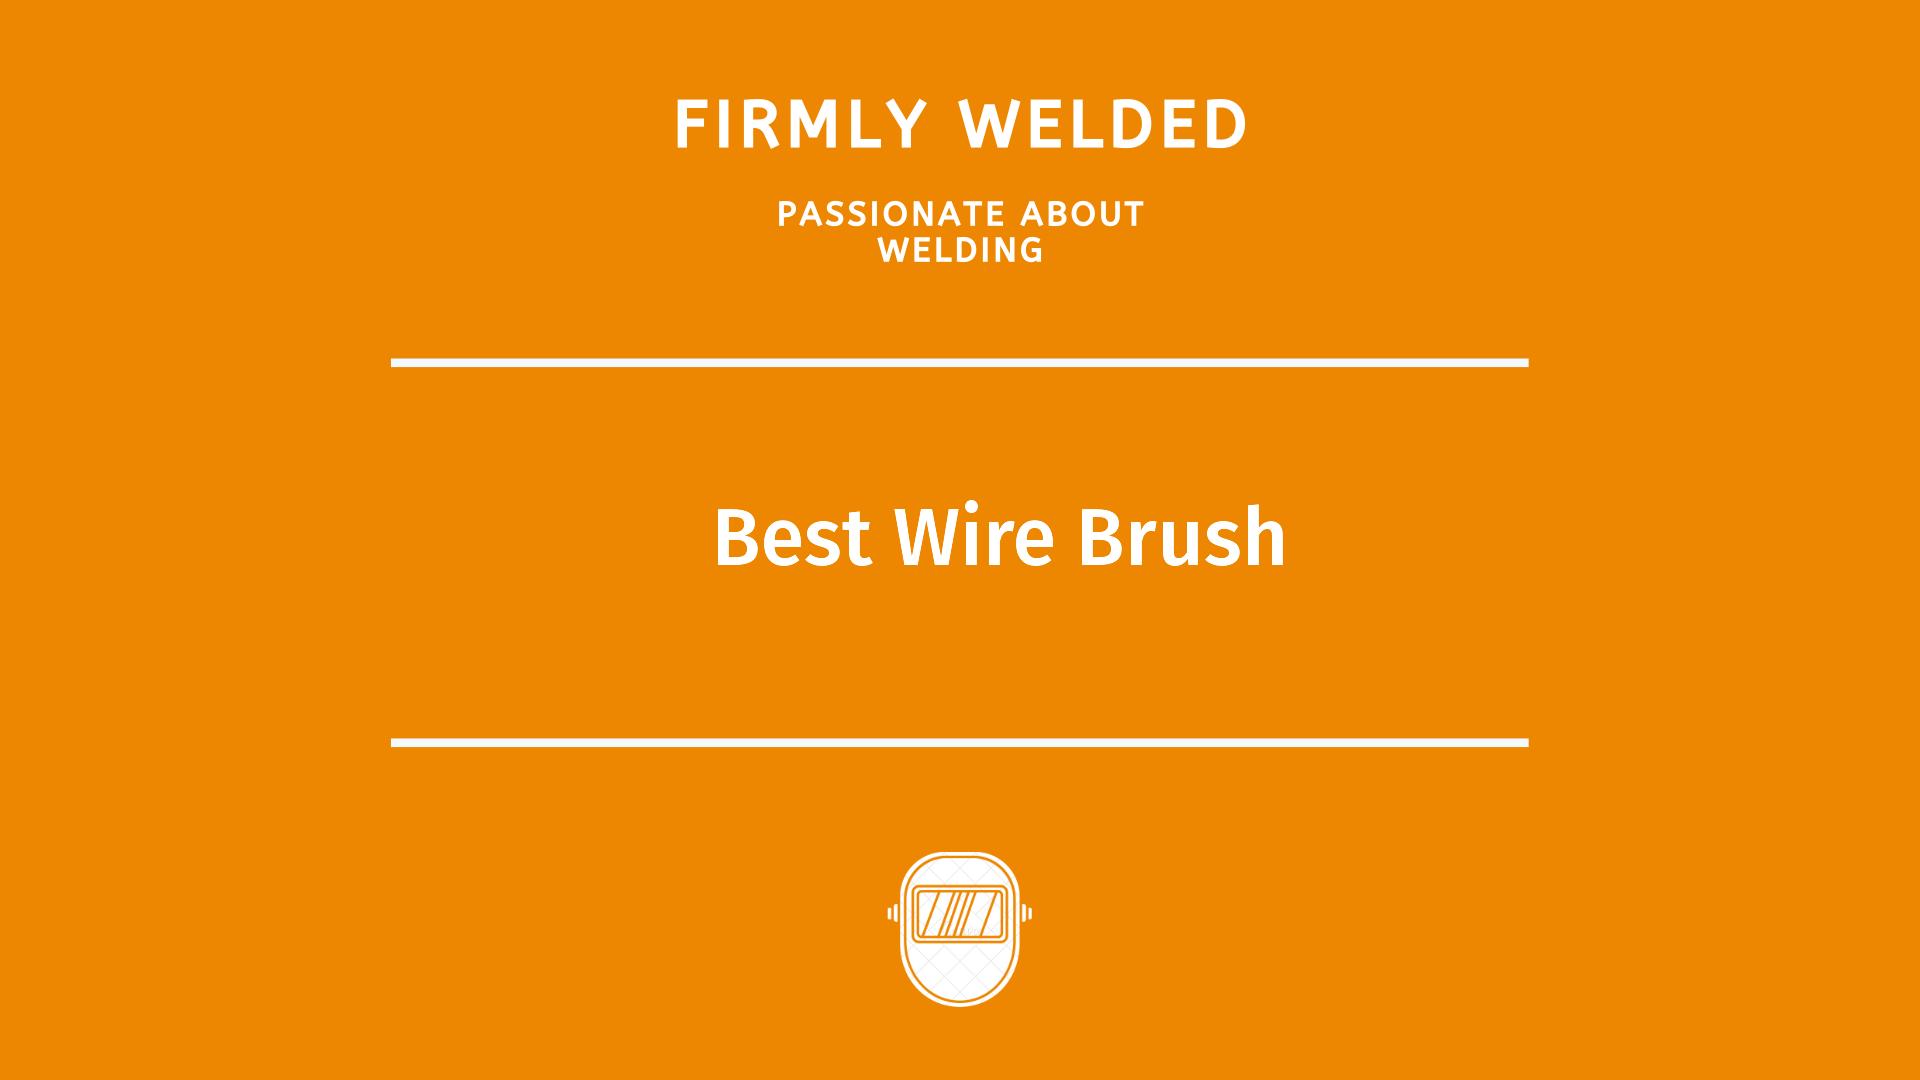 Best Wire Brush